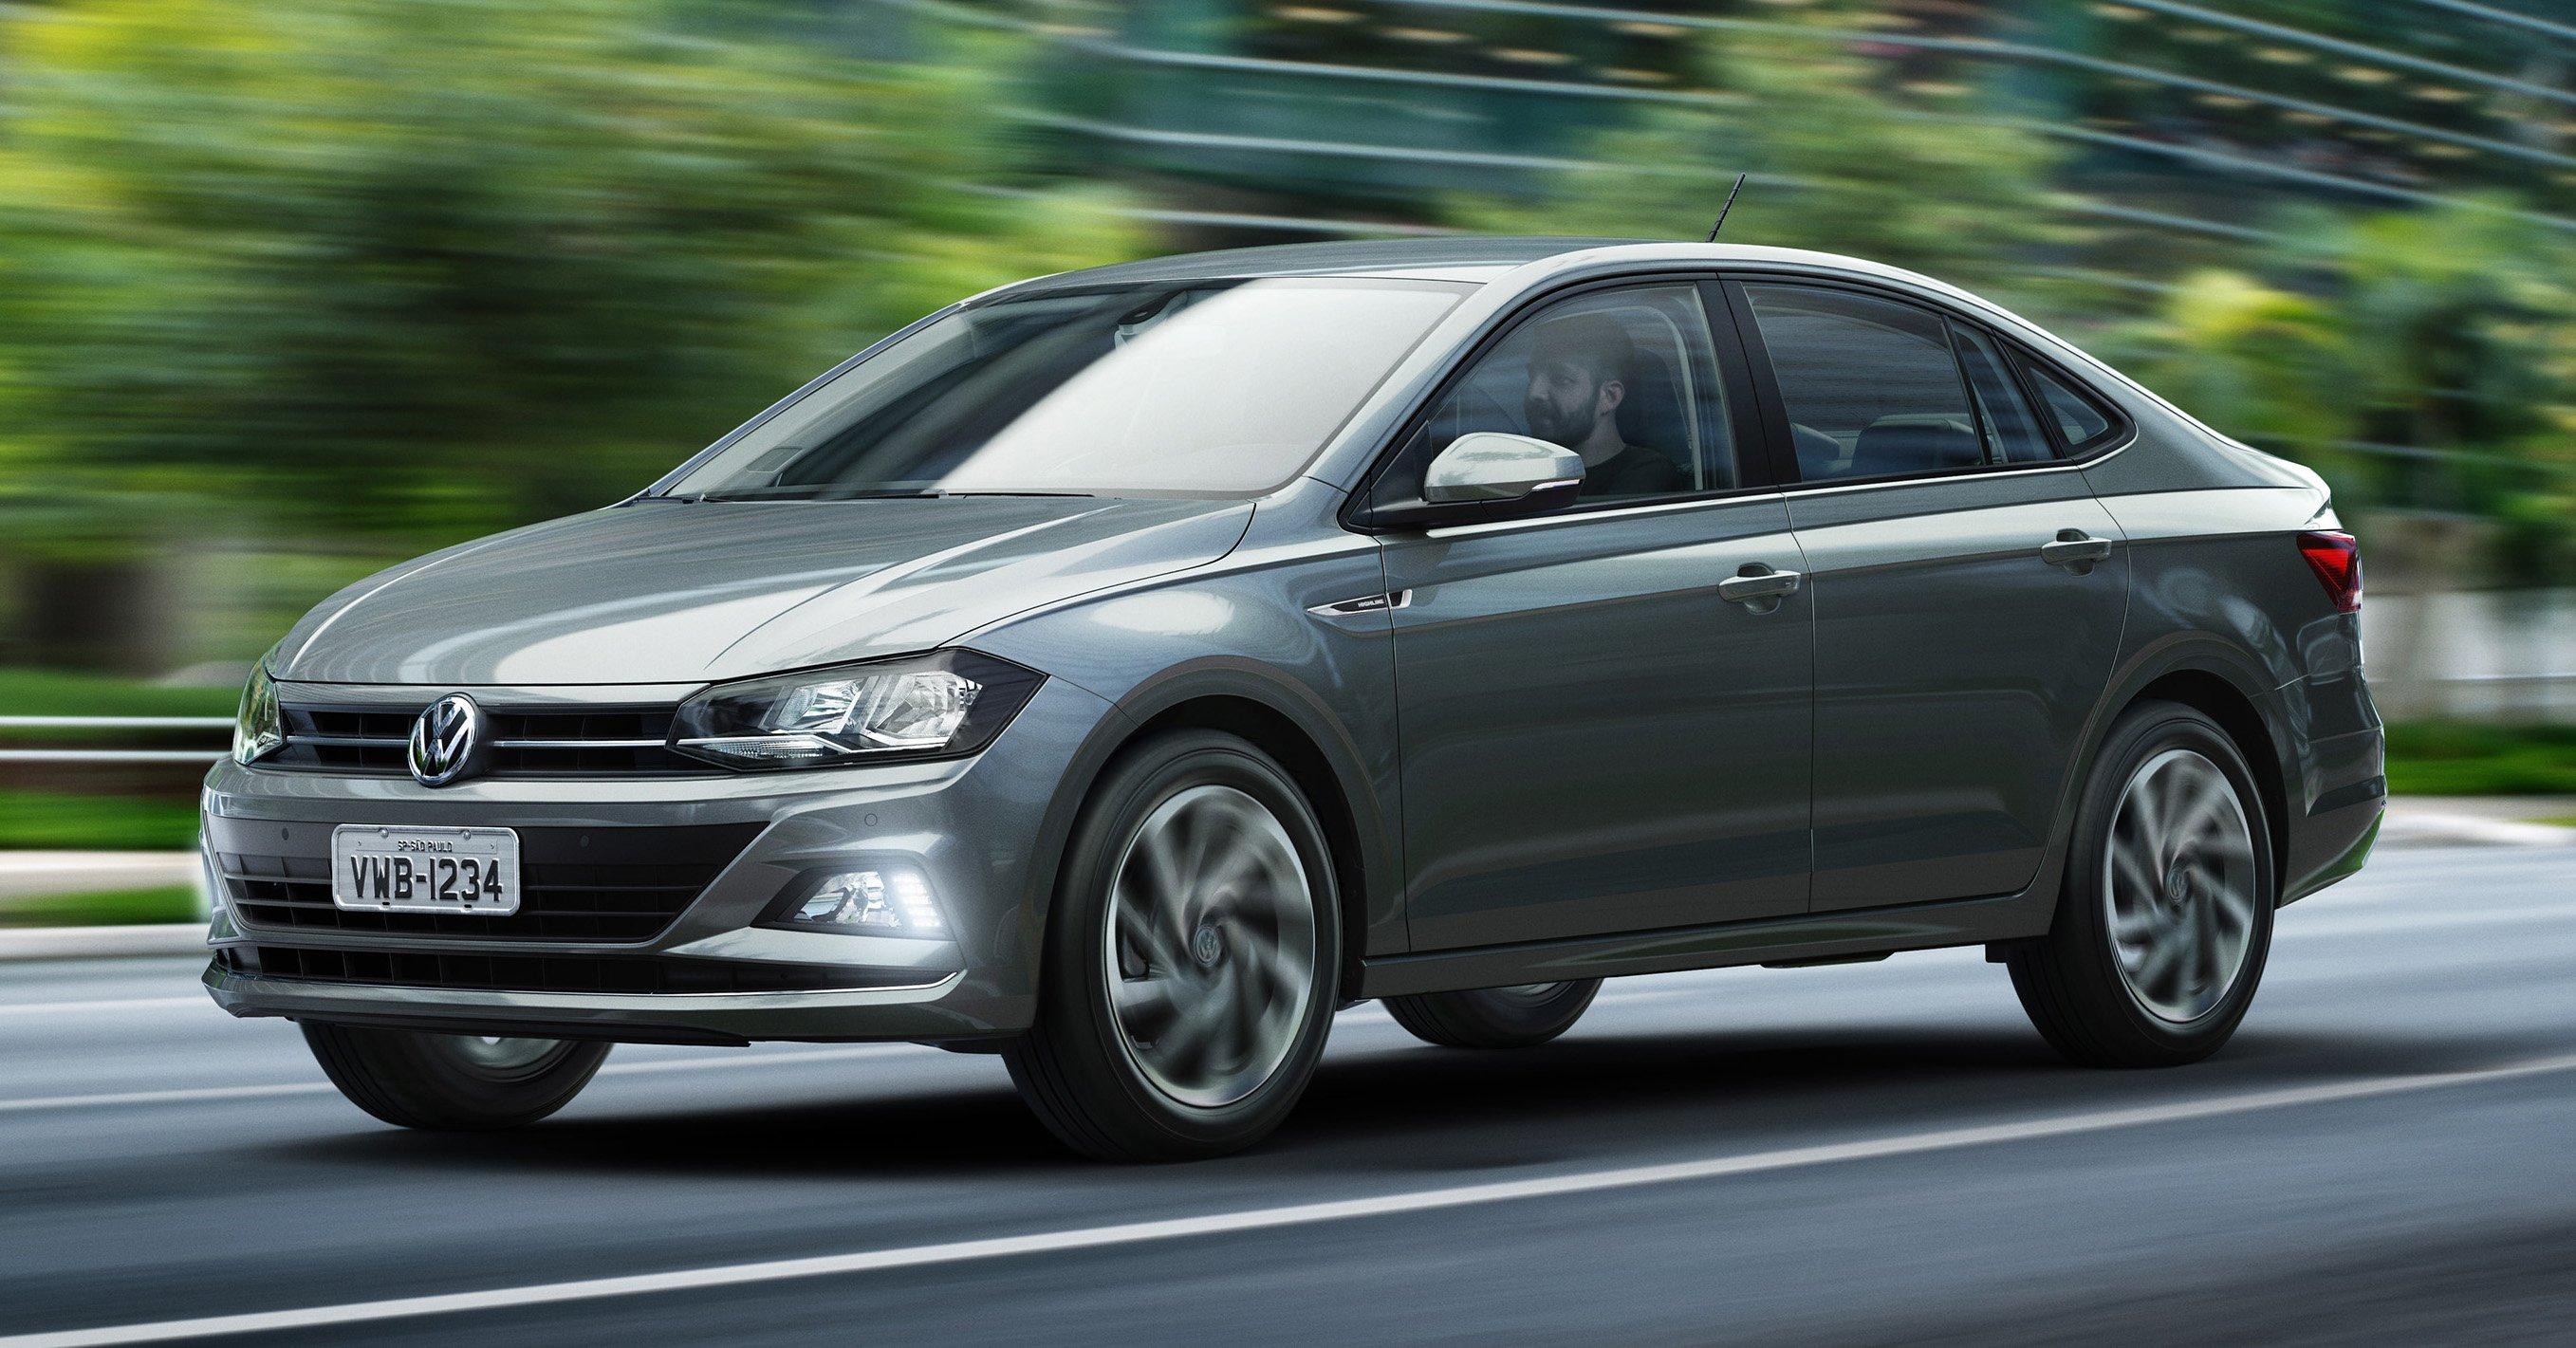 Volkswagen Virtus New Polo Sedan Debuts In Brazil Paul